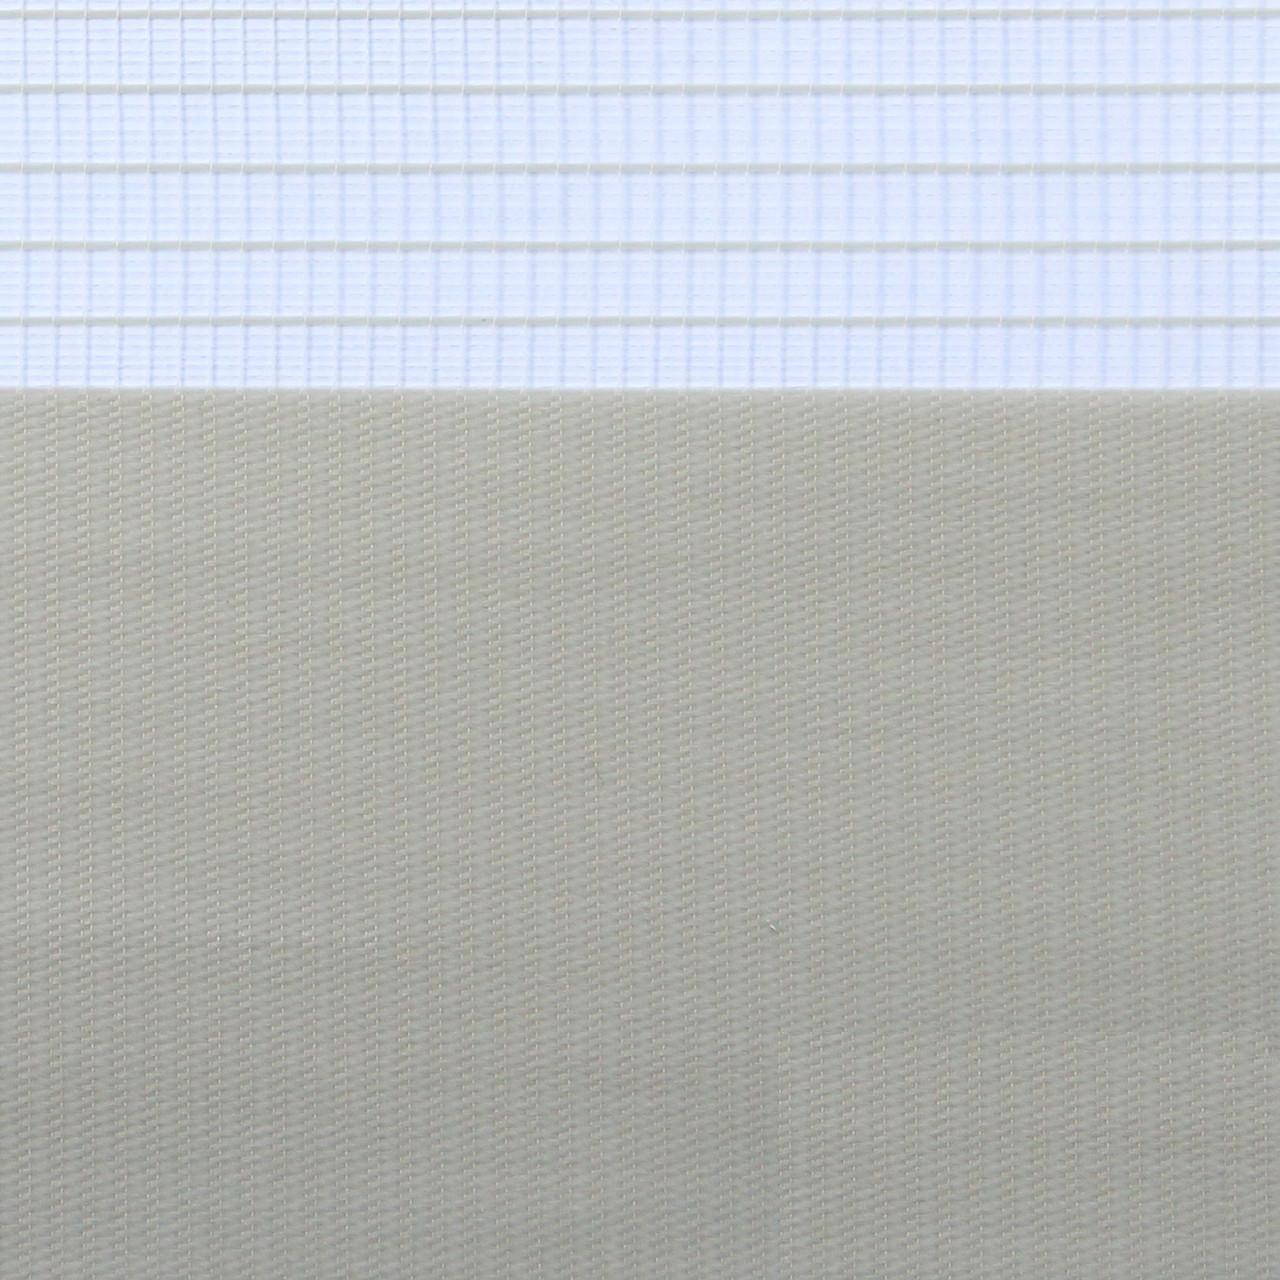 Готовые рулонные шторы Ткань ВН DN-212 Бежевый 500*1300